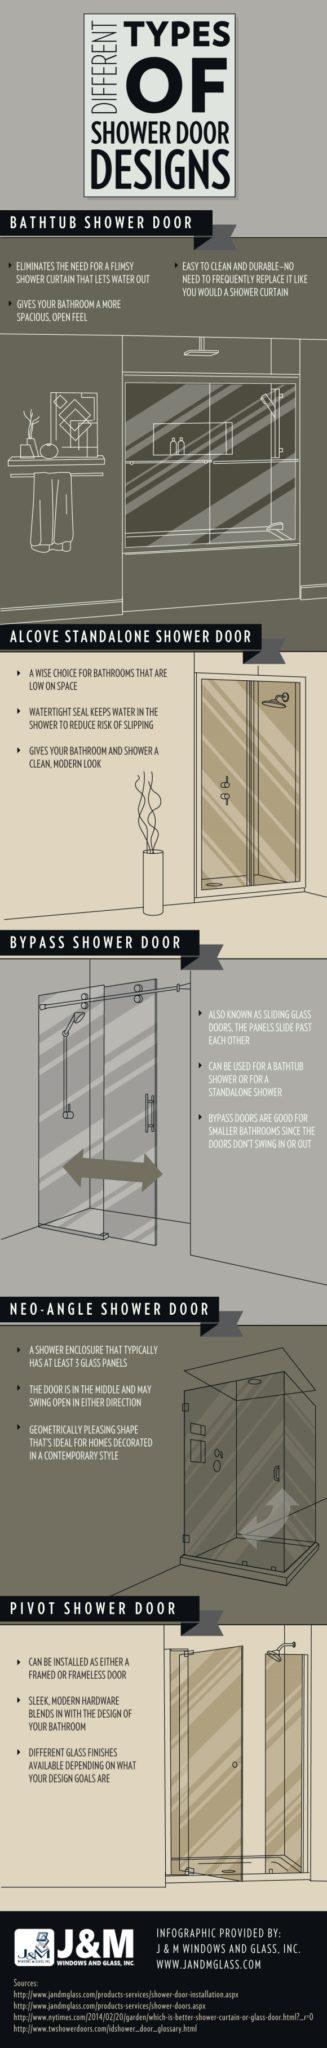 Different-Types-Of-Shower-Door-Designs-Infographic